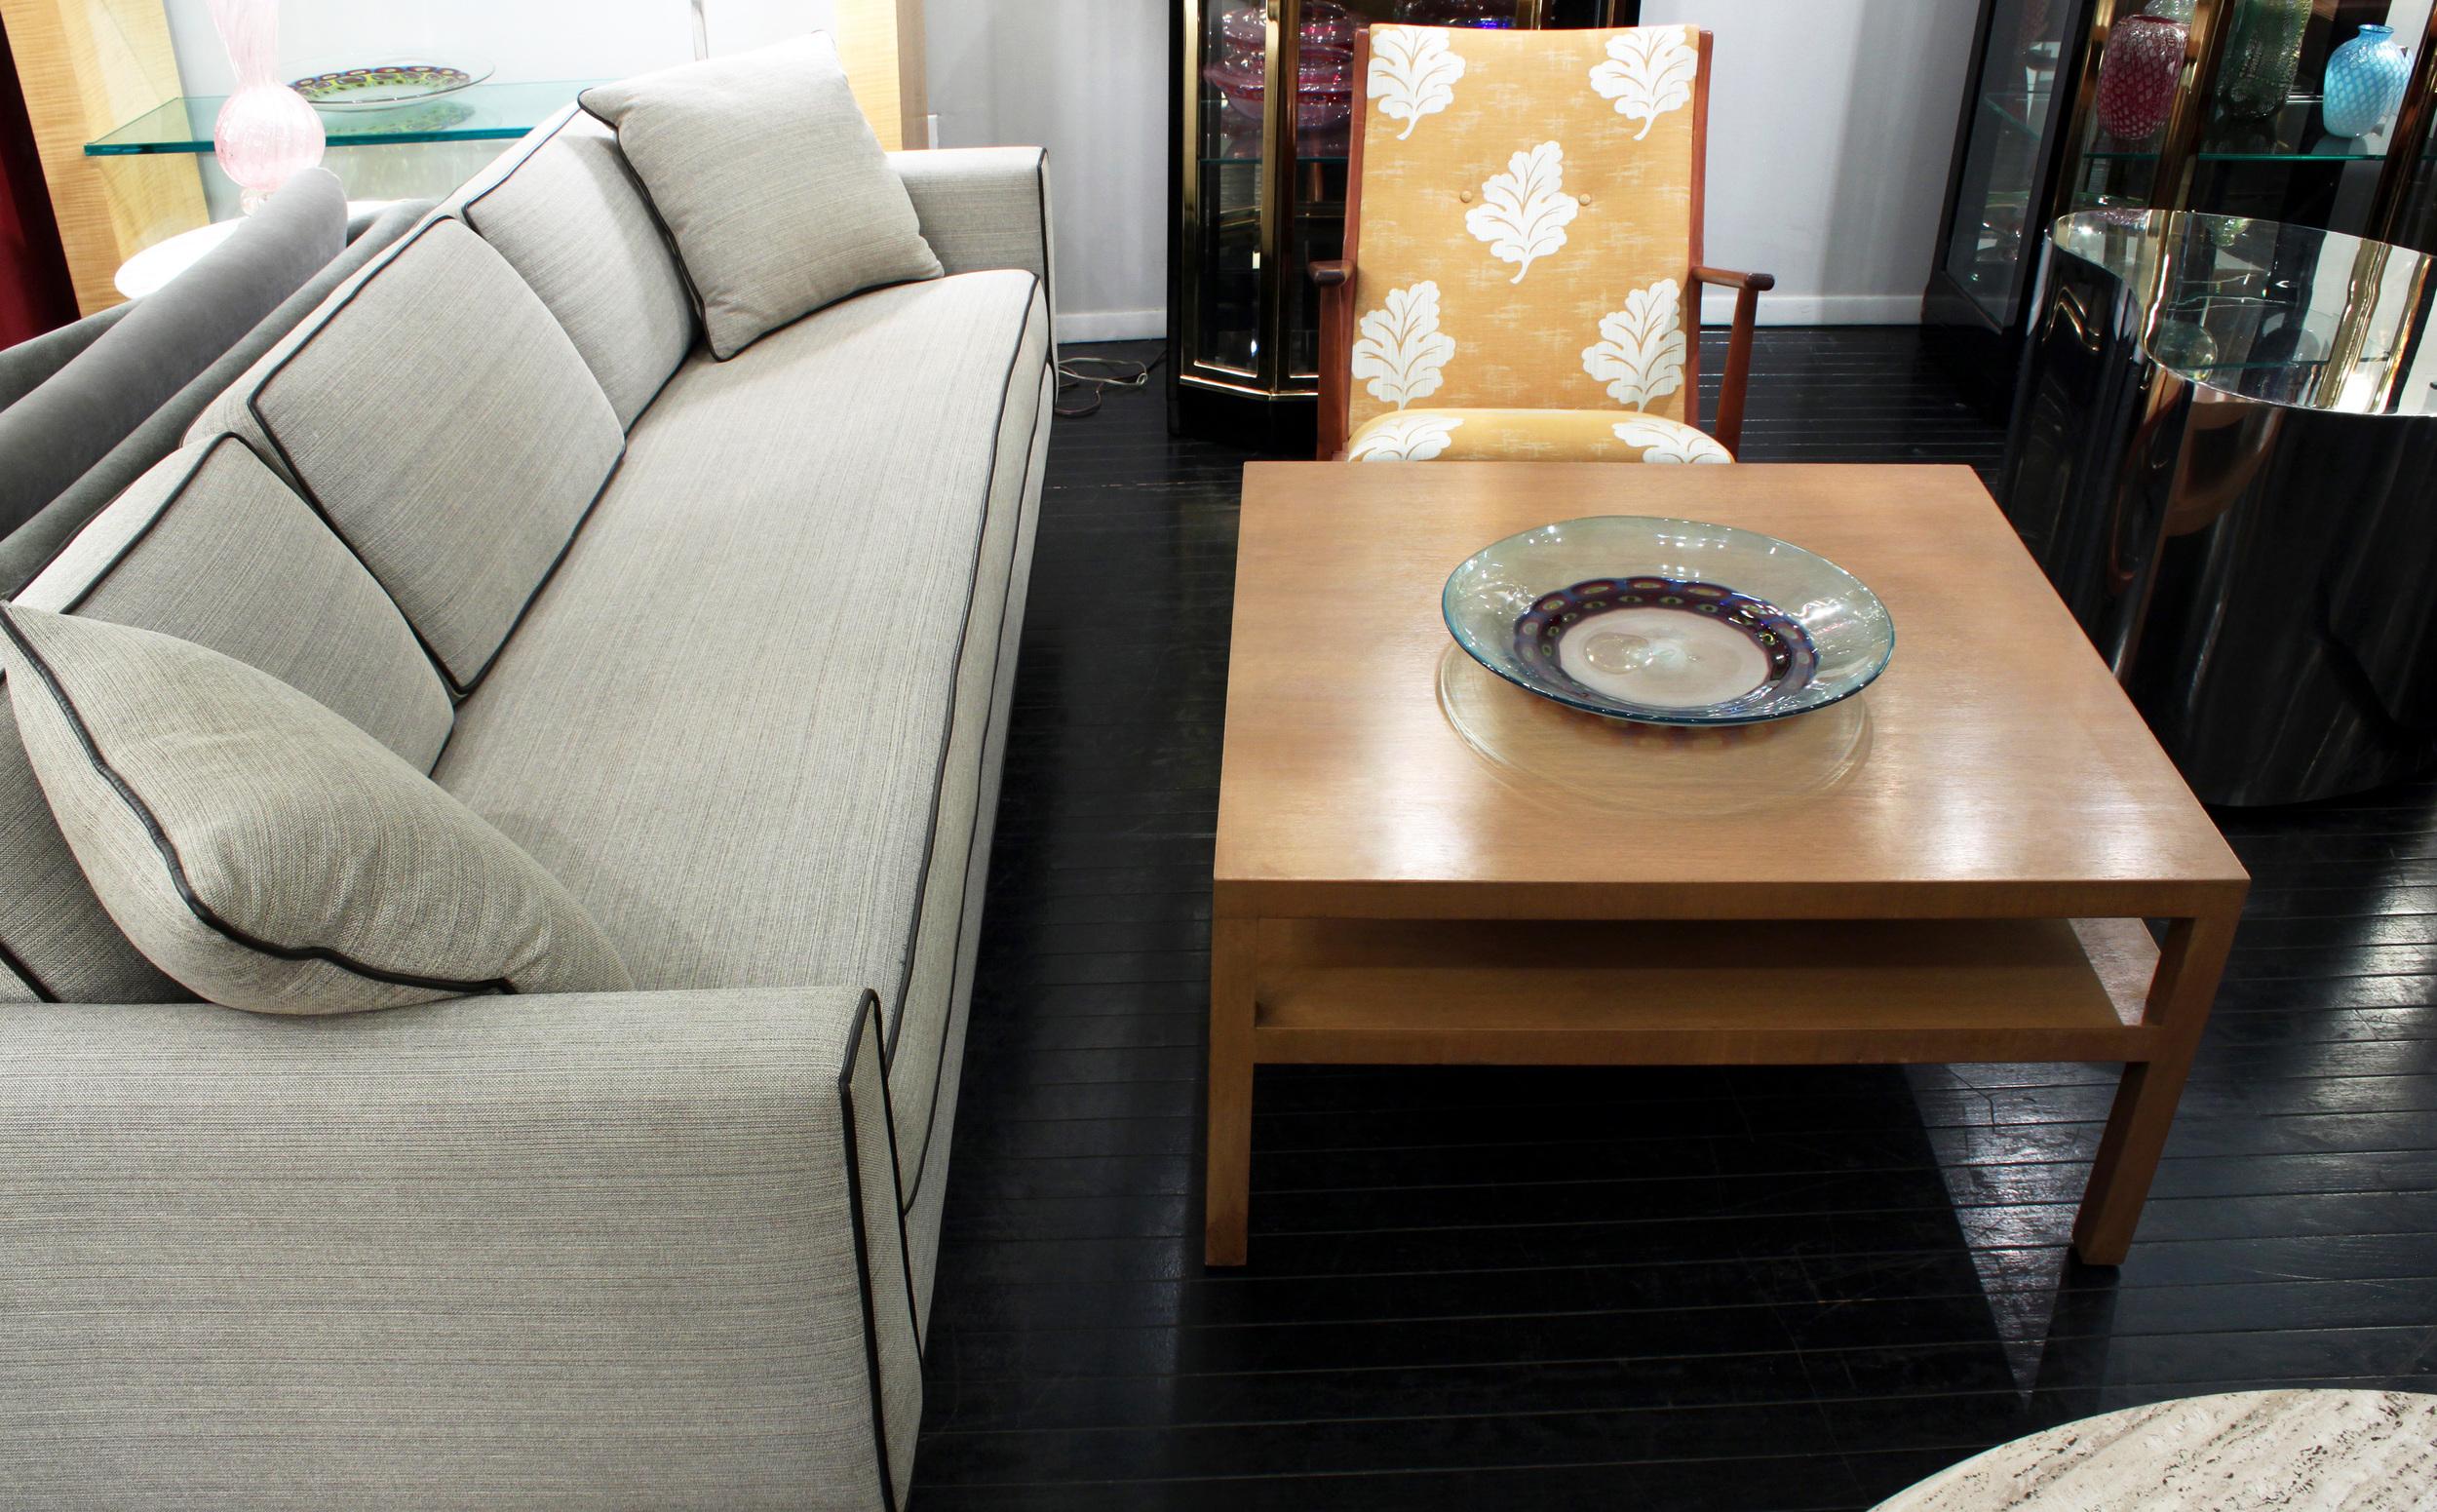 Gibbings 55 square blchd walnut coffeetable45 hires detail 5.jpg